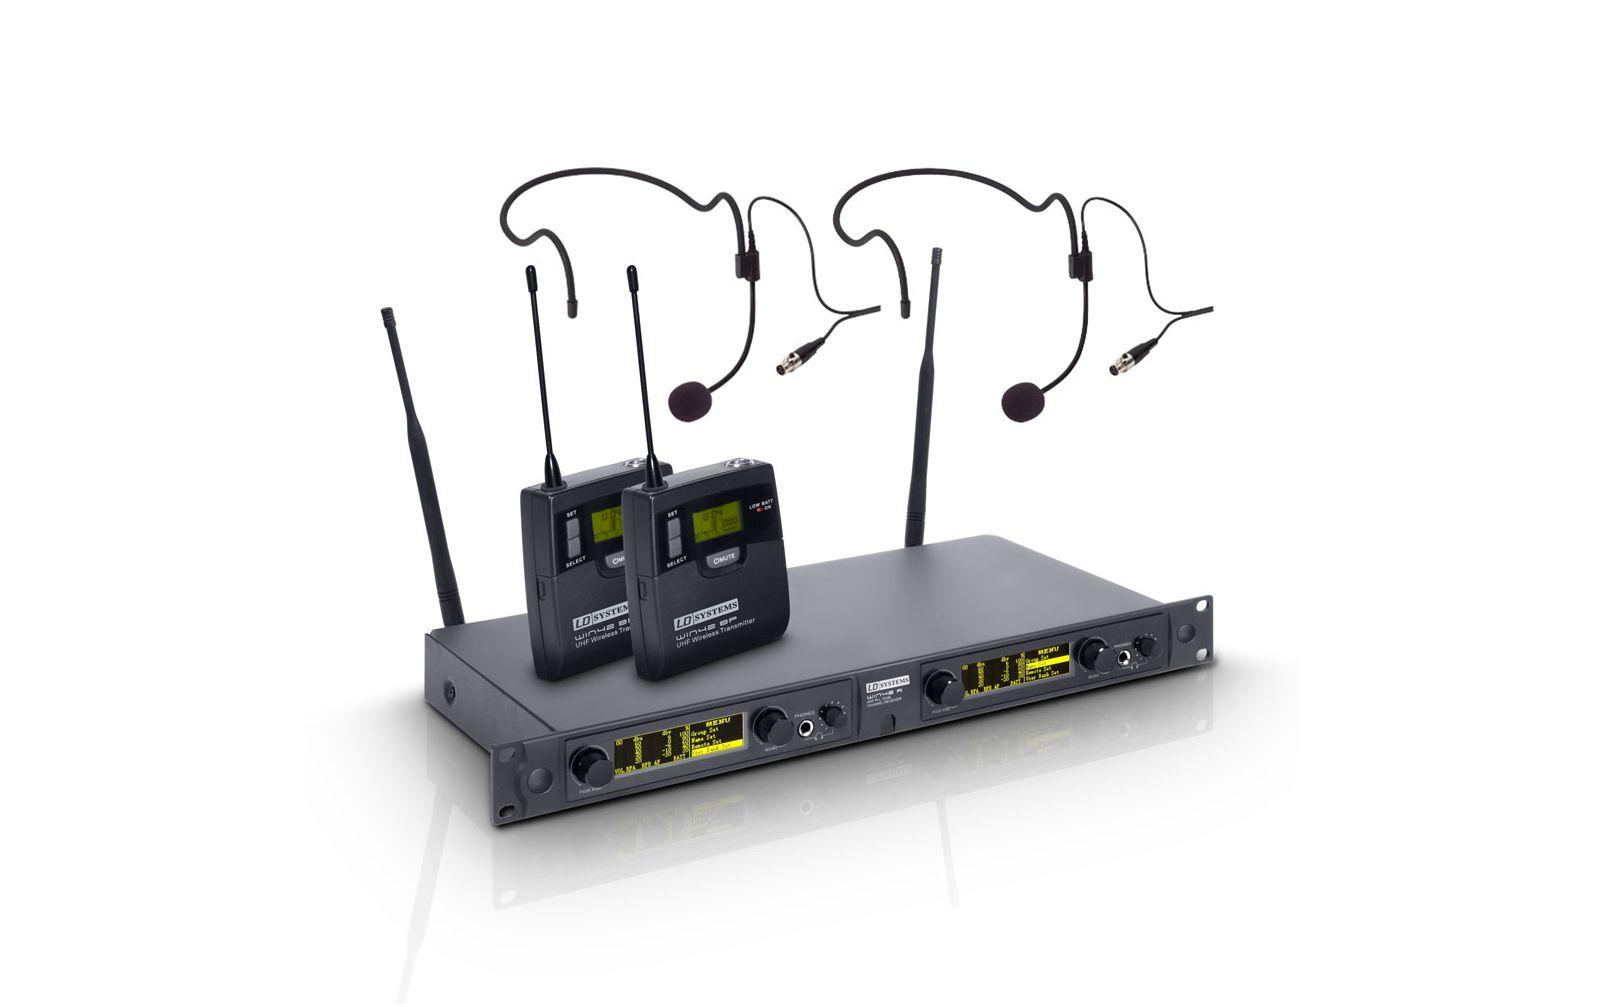 ld-systems-win-42-bph-2-b-5-funkmikrofon-system-mit-2-x-belt-pack-und-2-x-headset